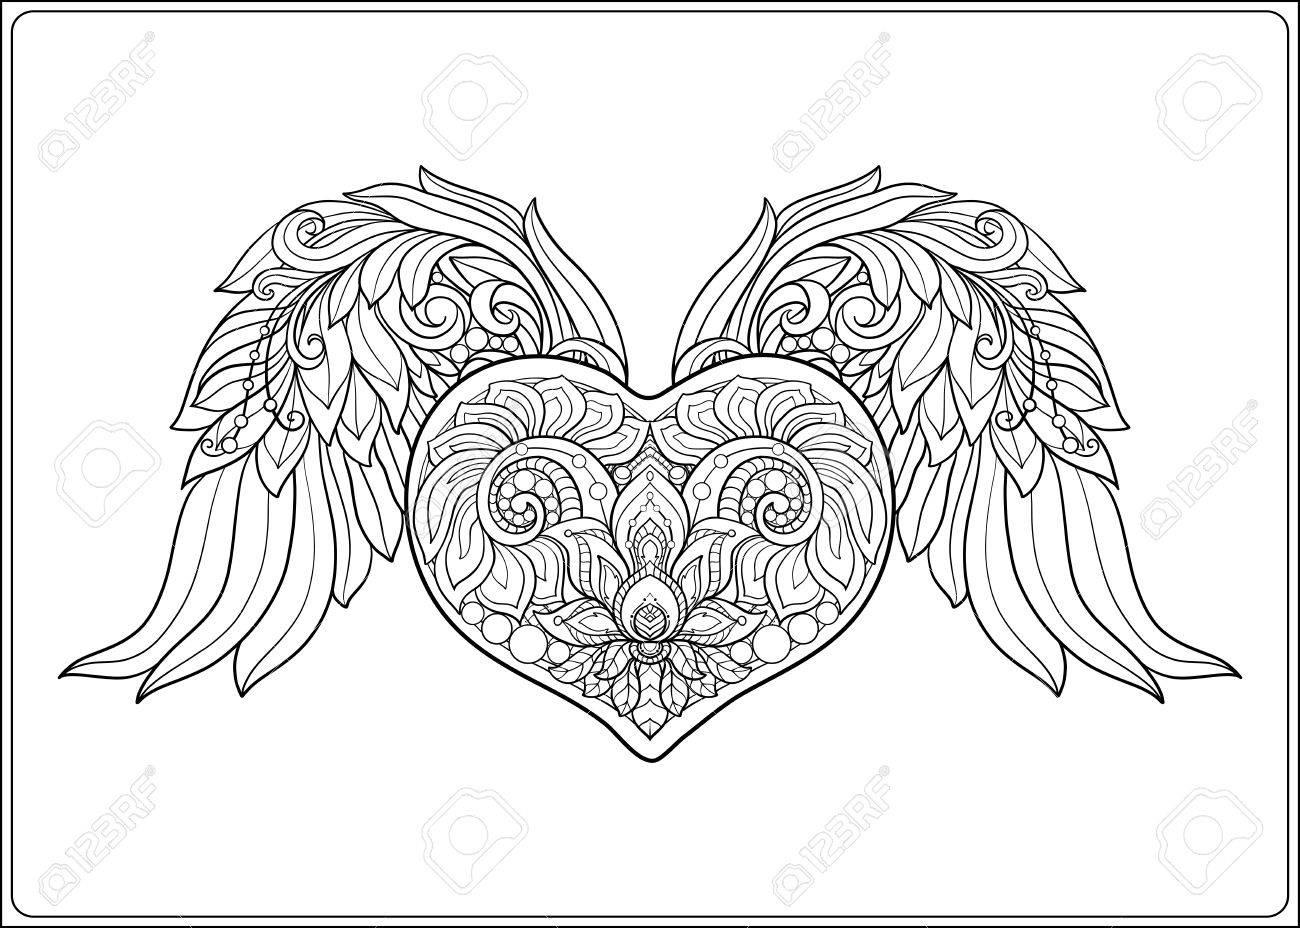 Coloriage Dun Coeur Damour.Coeur D Amour A Motifs Decoratifs Avec Des Ailes D Ange